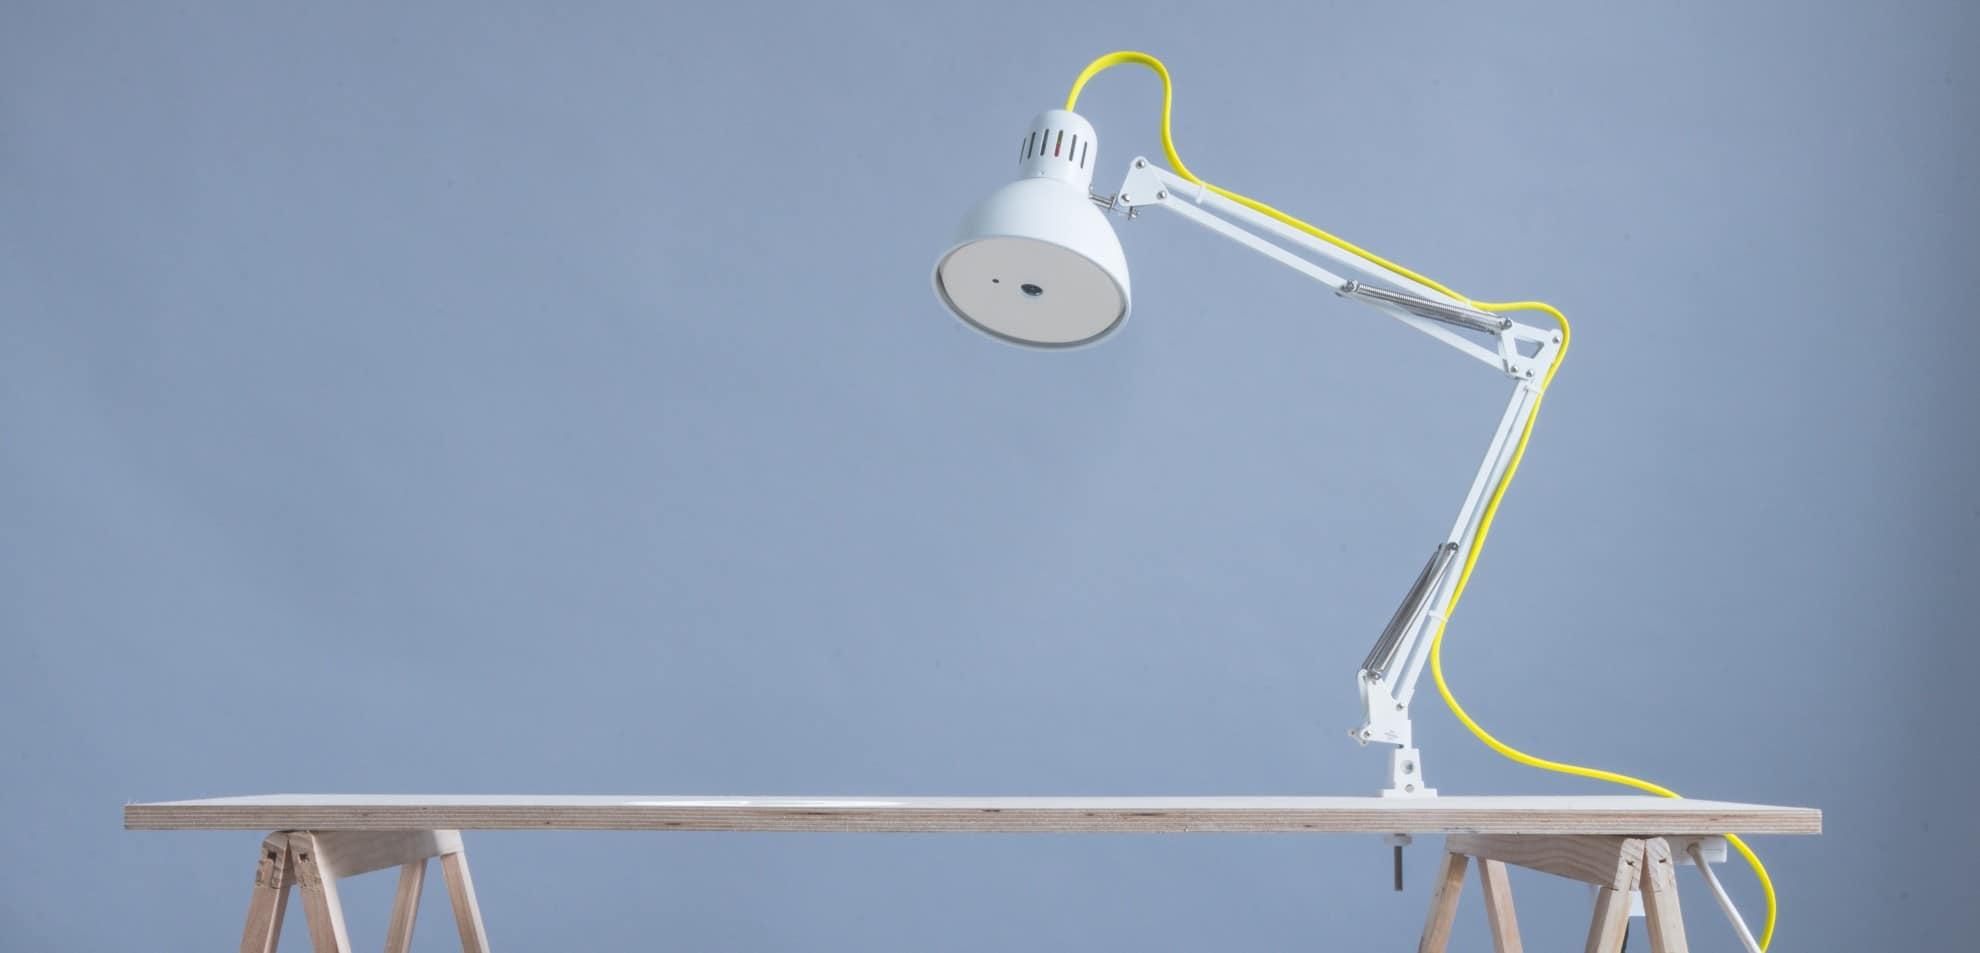 Lantern Aus Einer Ikea Lampe Wird Ein Augmented Reality Projektor